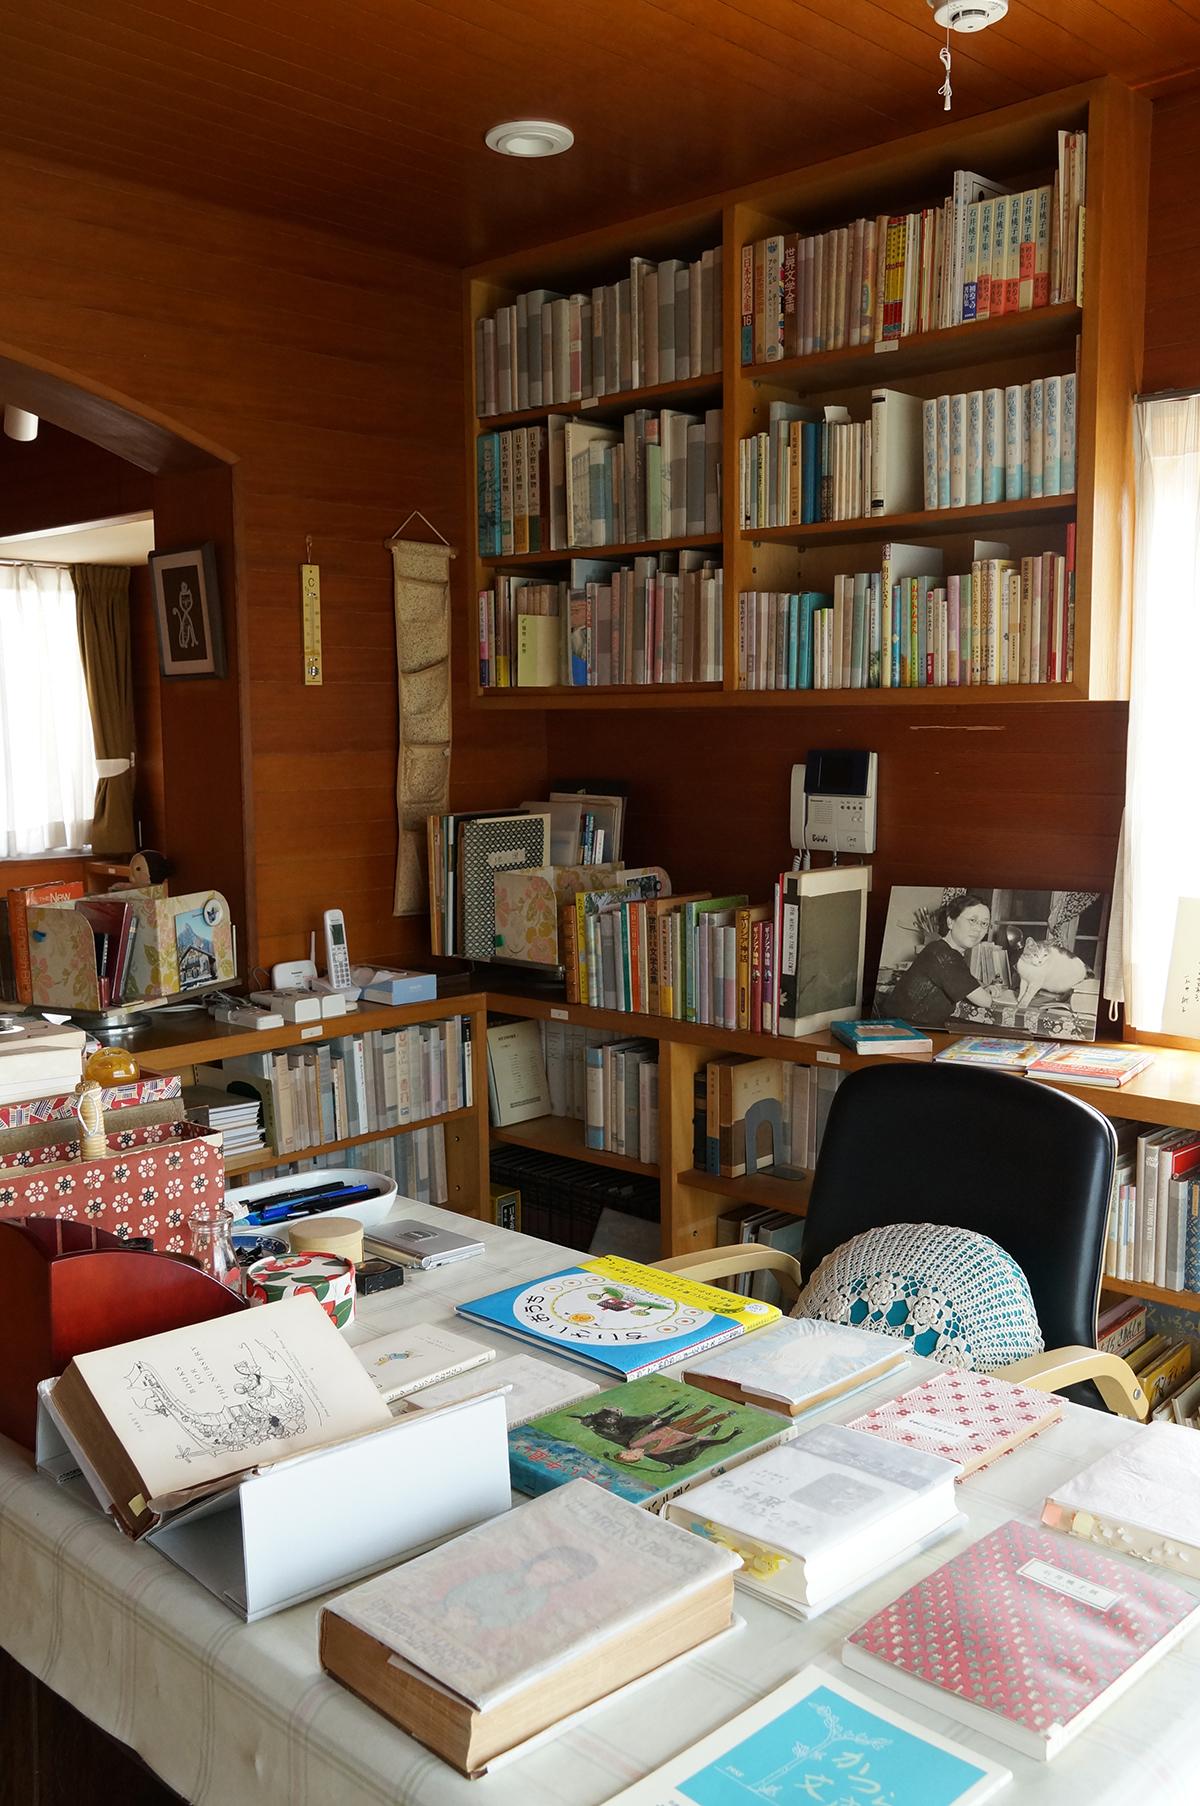 石井桃子記念 かつら文庫(公益財団法人東京子ども図書館分室)